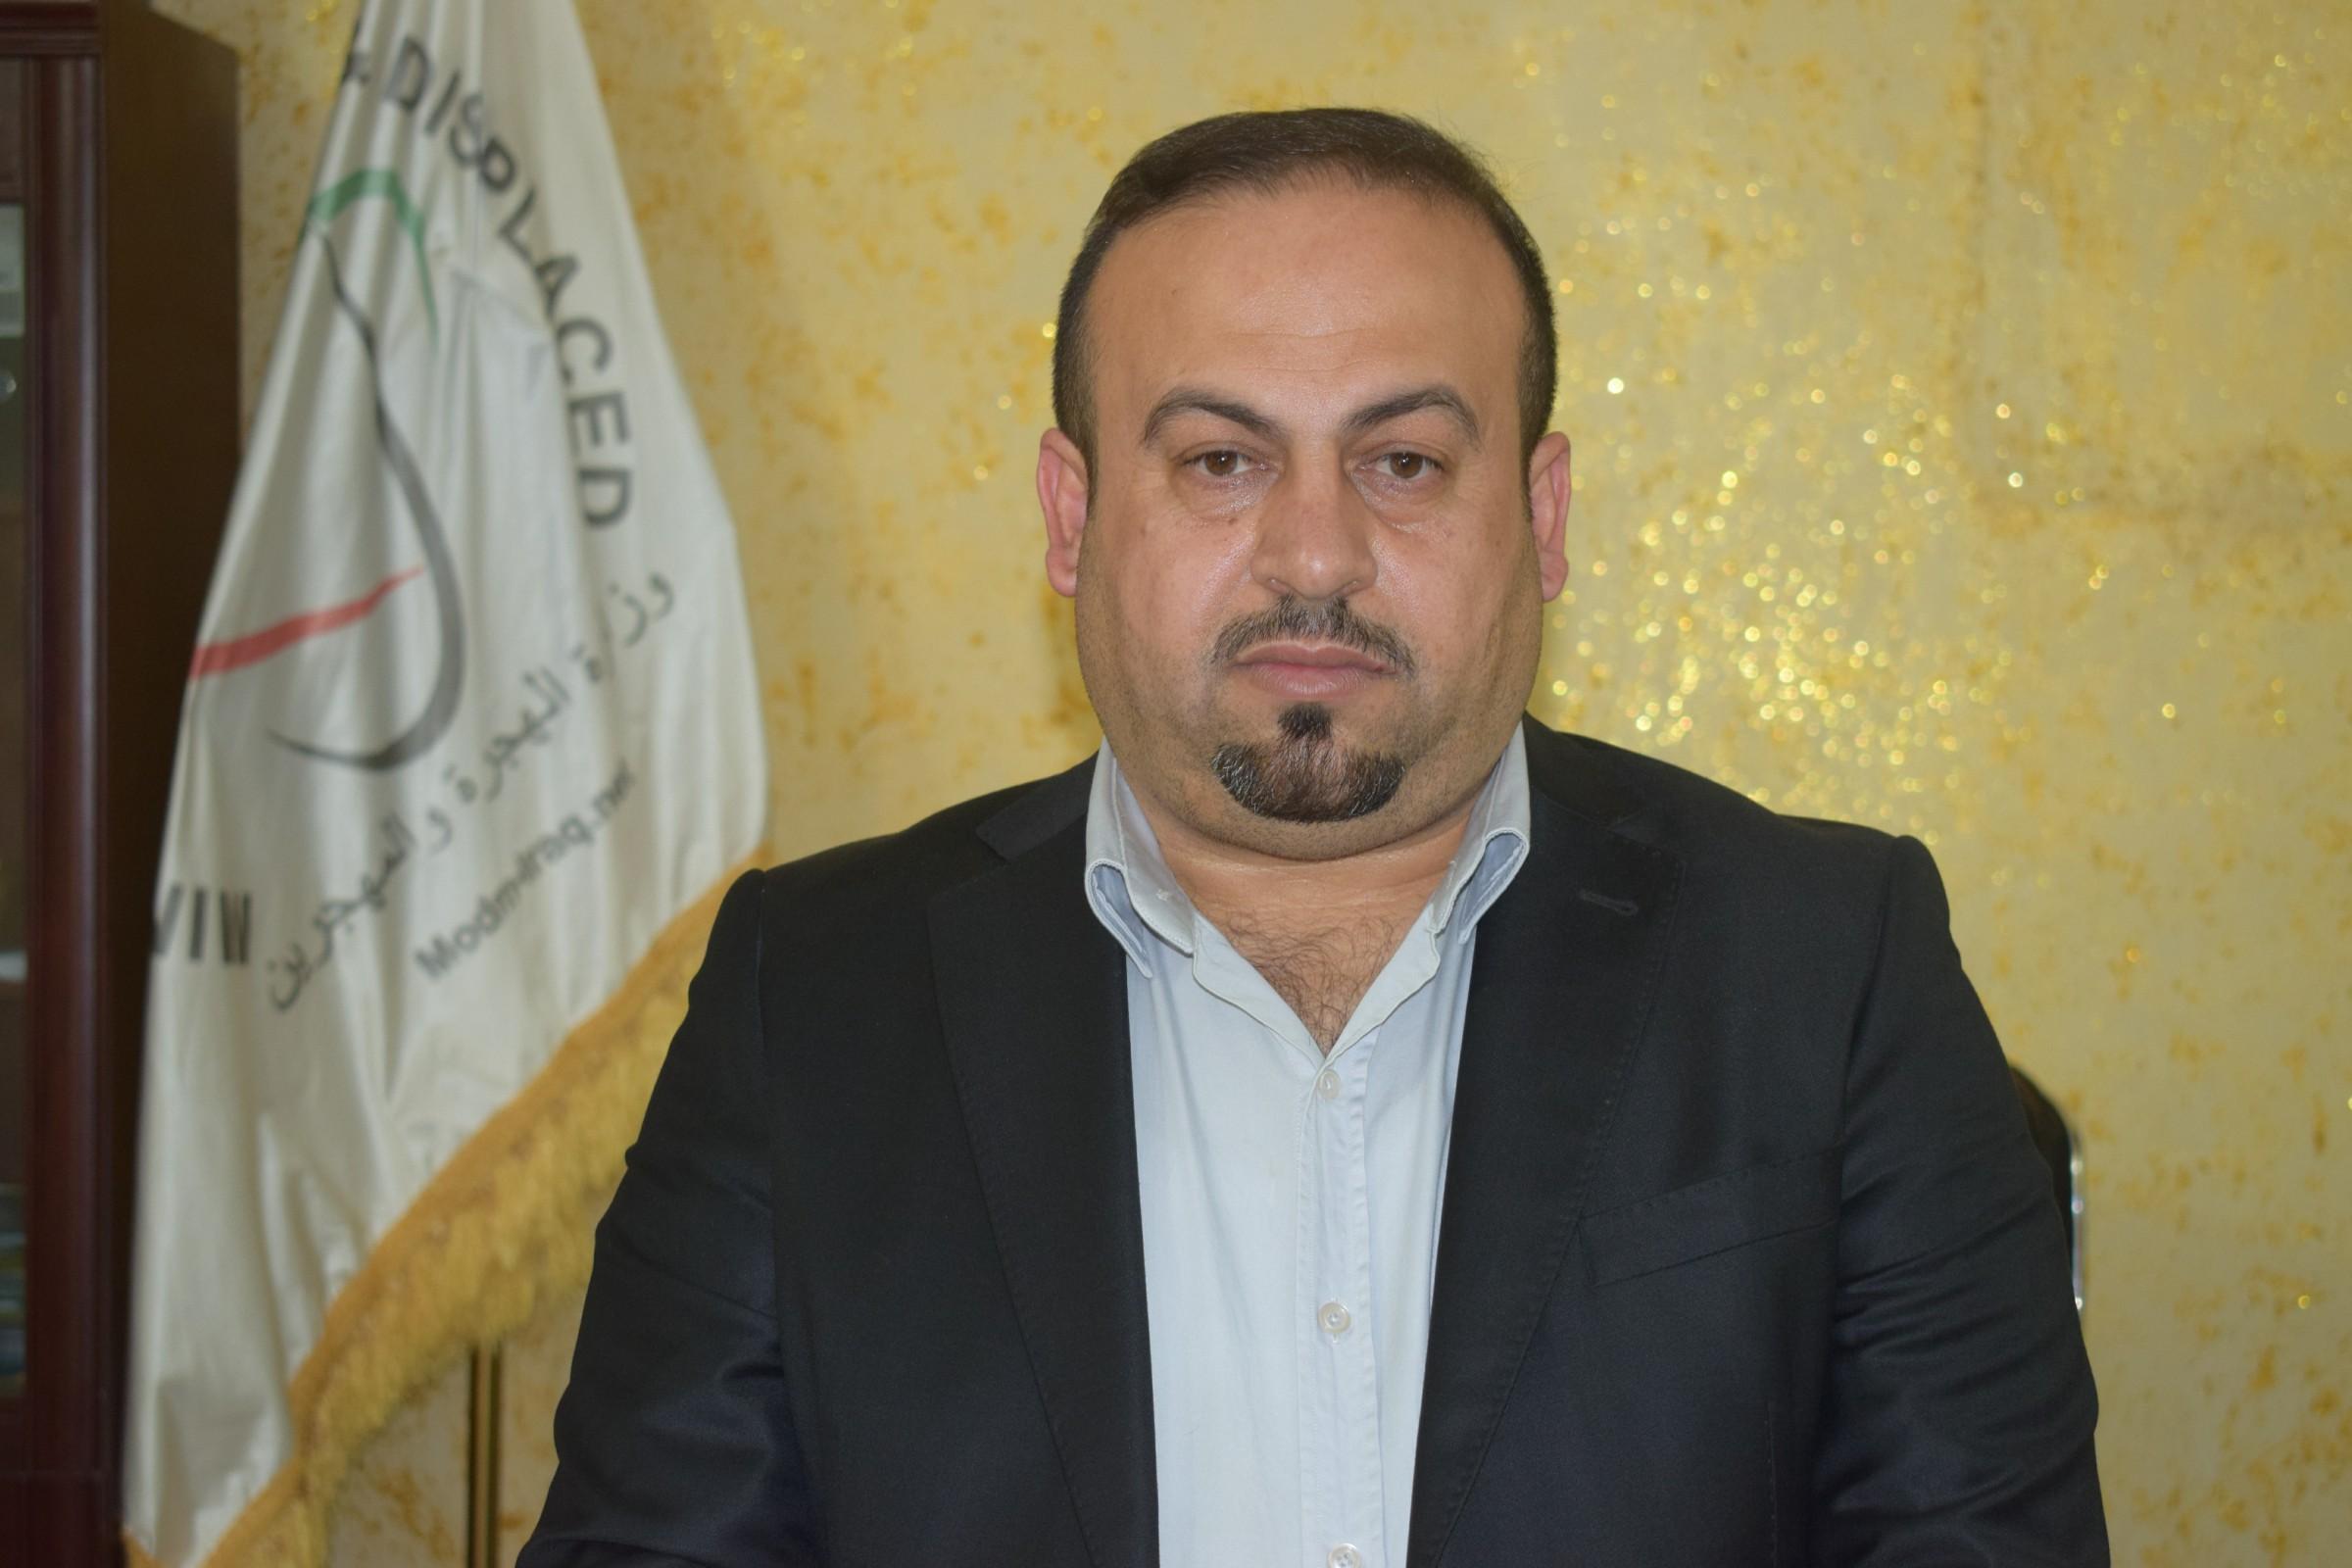 هجرة الأنبار تعلن إعادة أكثر من 100 اسرة نازحة الى الموصل وصلاح الدين